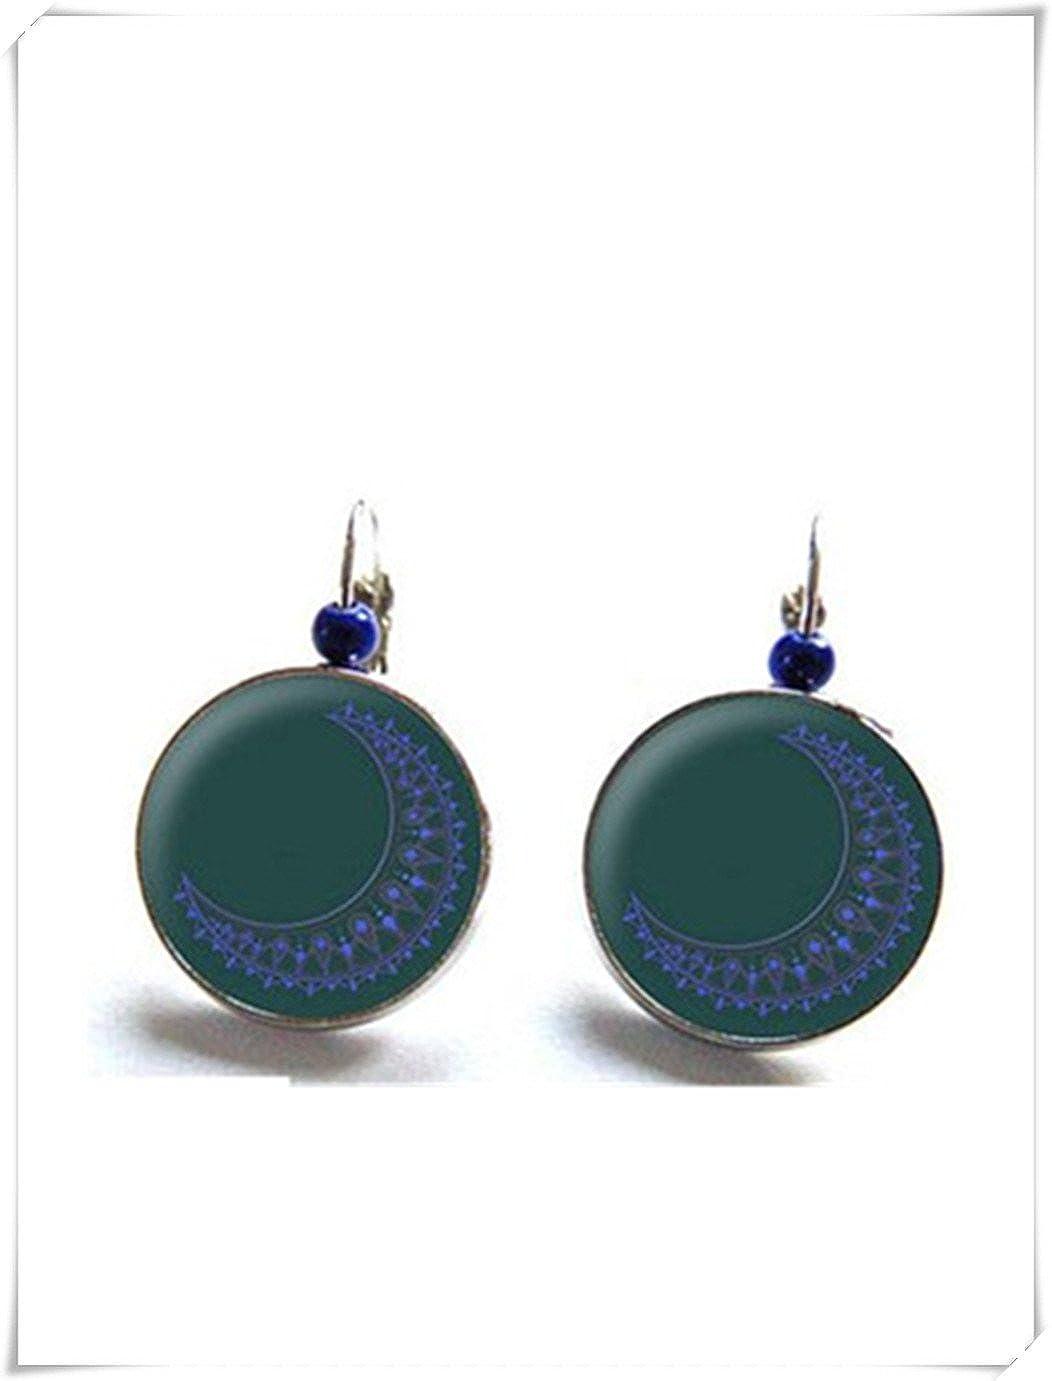 Elf House Pendientes de luna azul, cabujones de cristal, pendientes de perlas mágicas, joyería de cristal de cúpula, puro hecho a mano